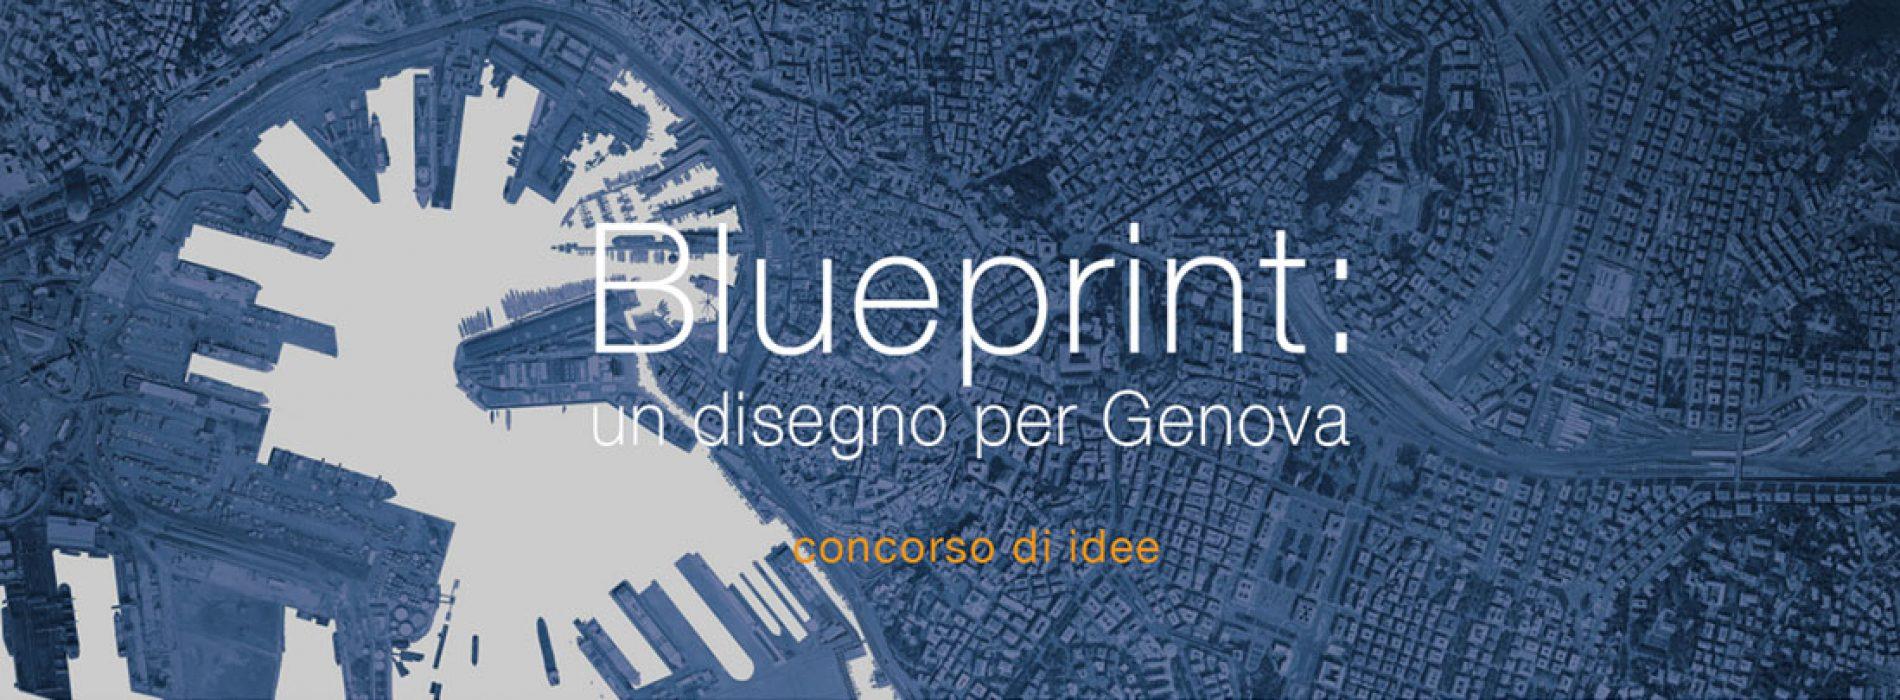 Blueprint Competition: un disegno per Genova